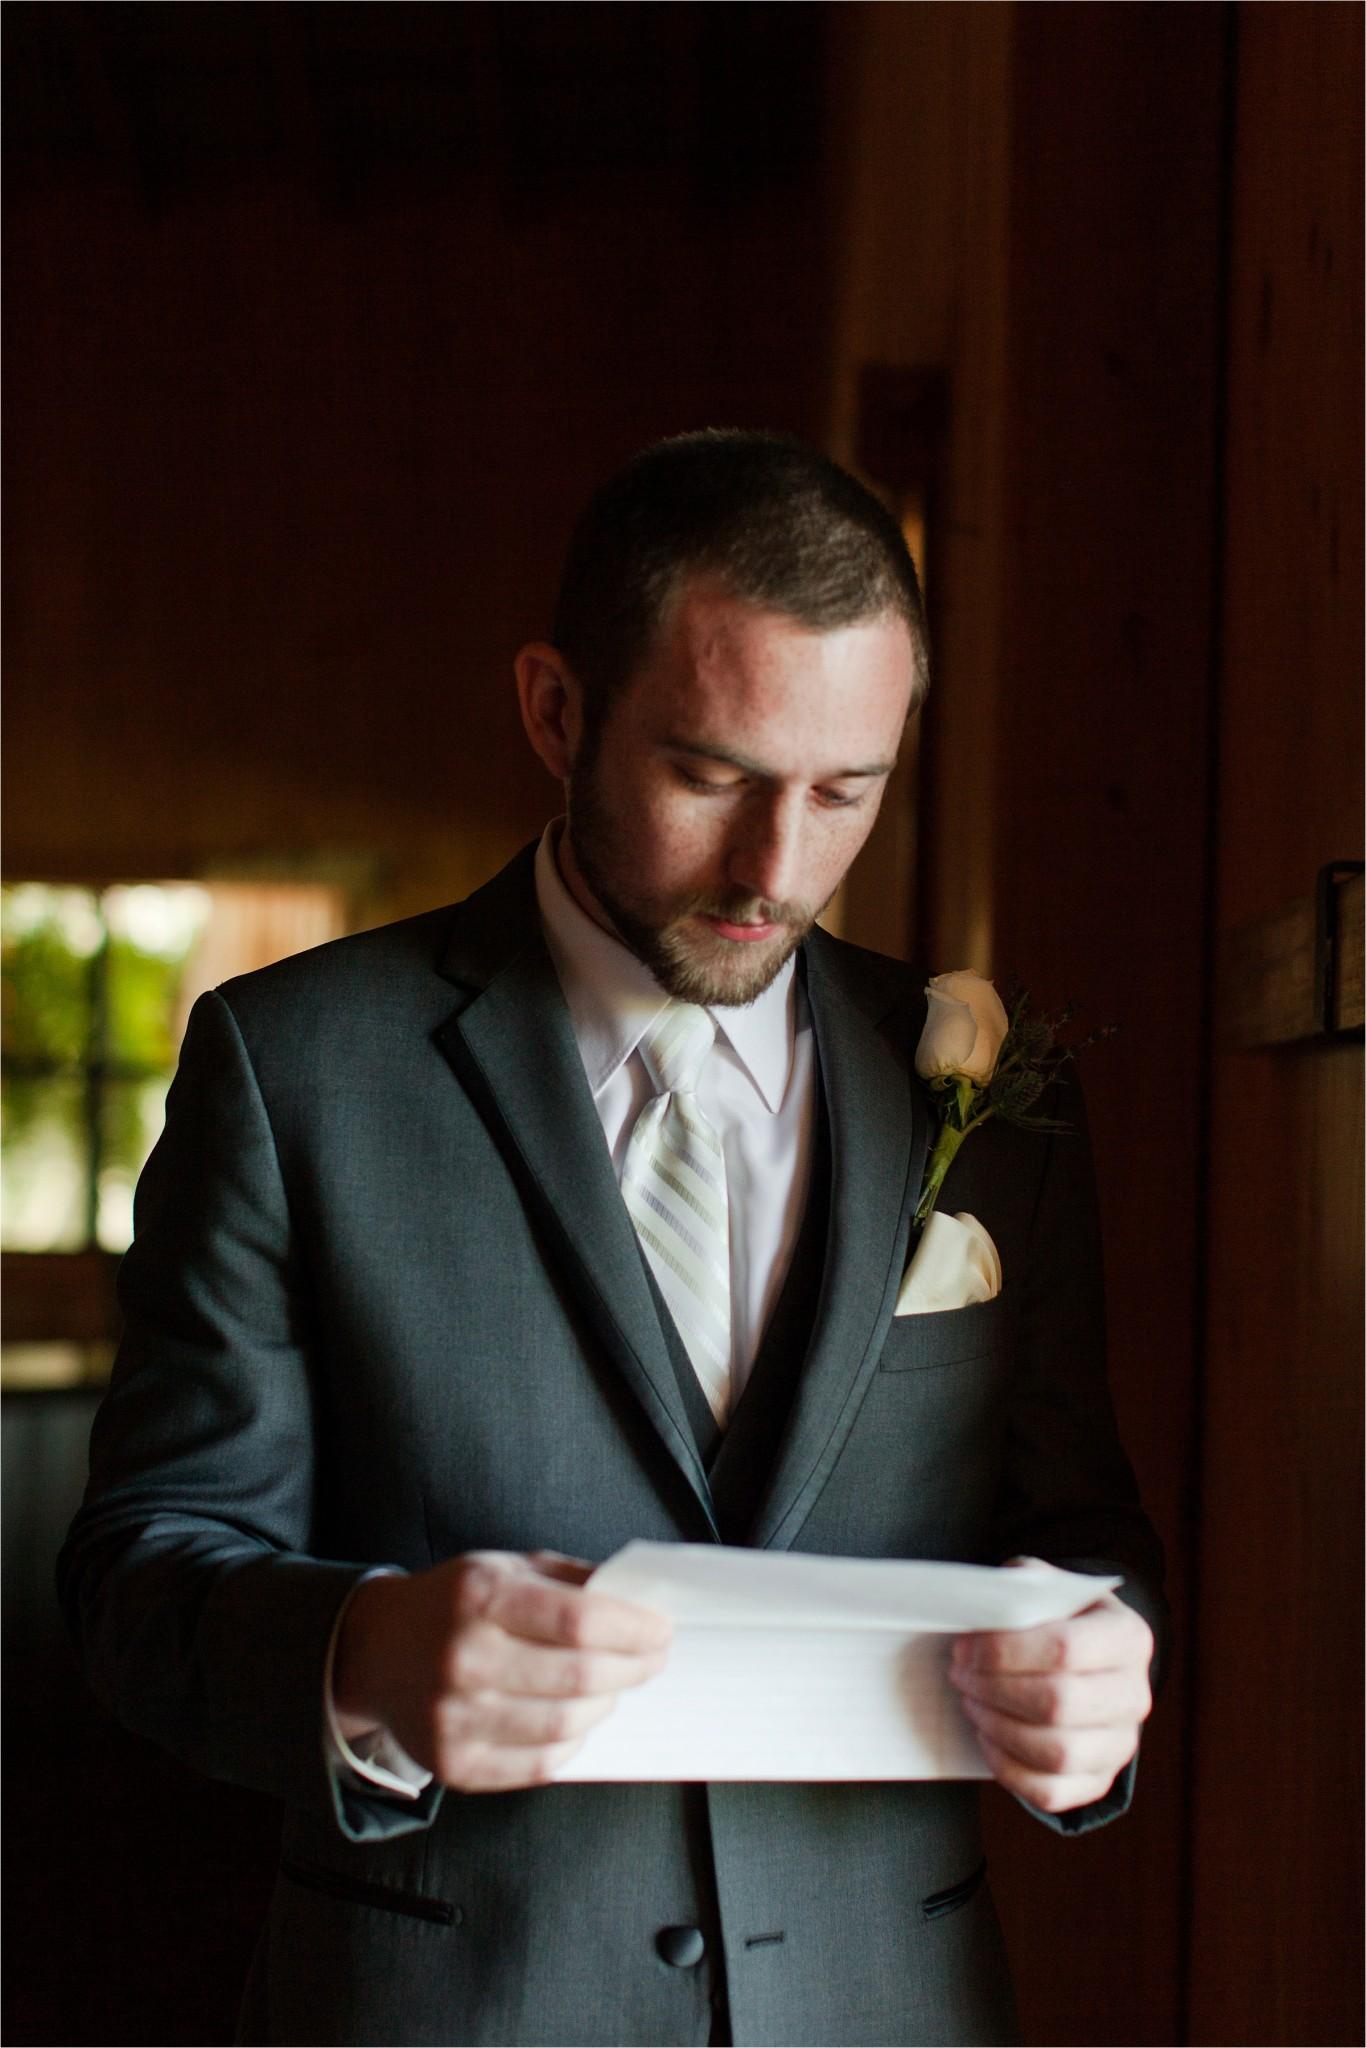 Lewis_Oak_Hollow_Wedding_Fairhope_AL_0119